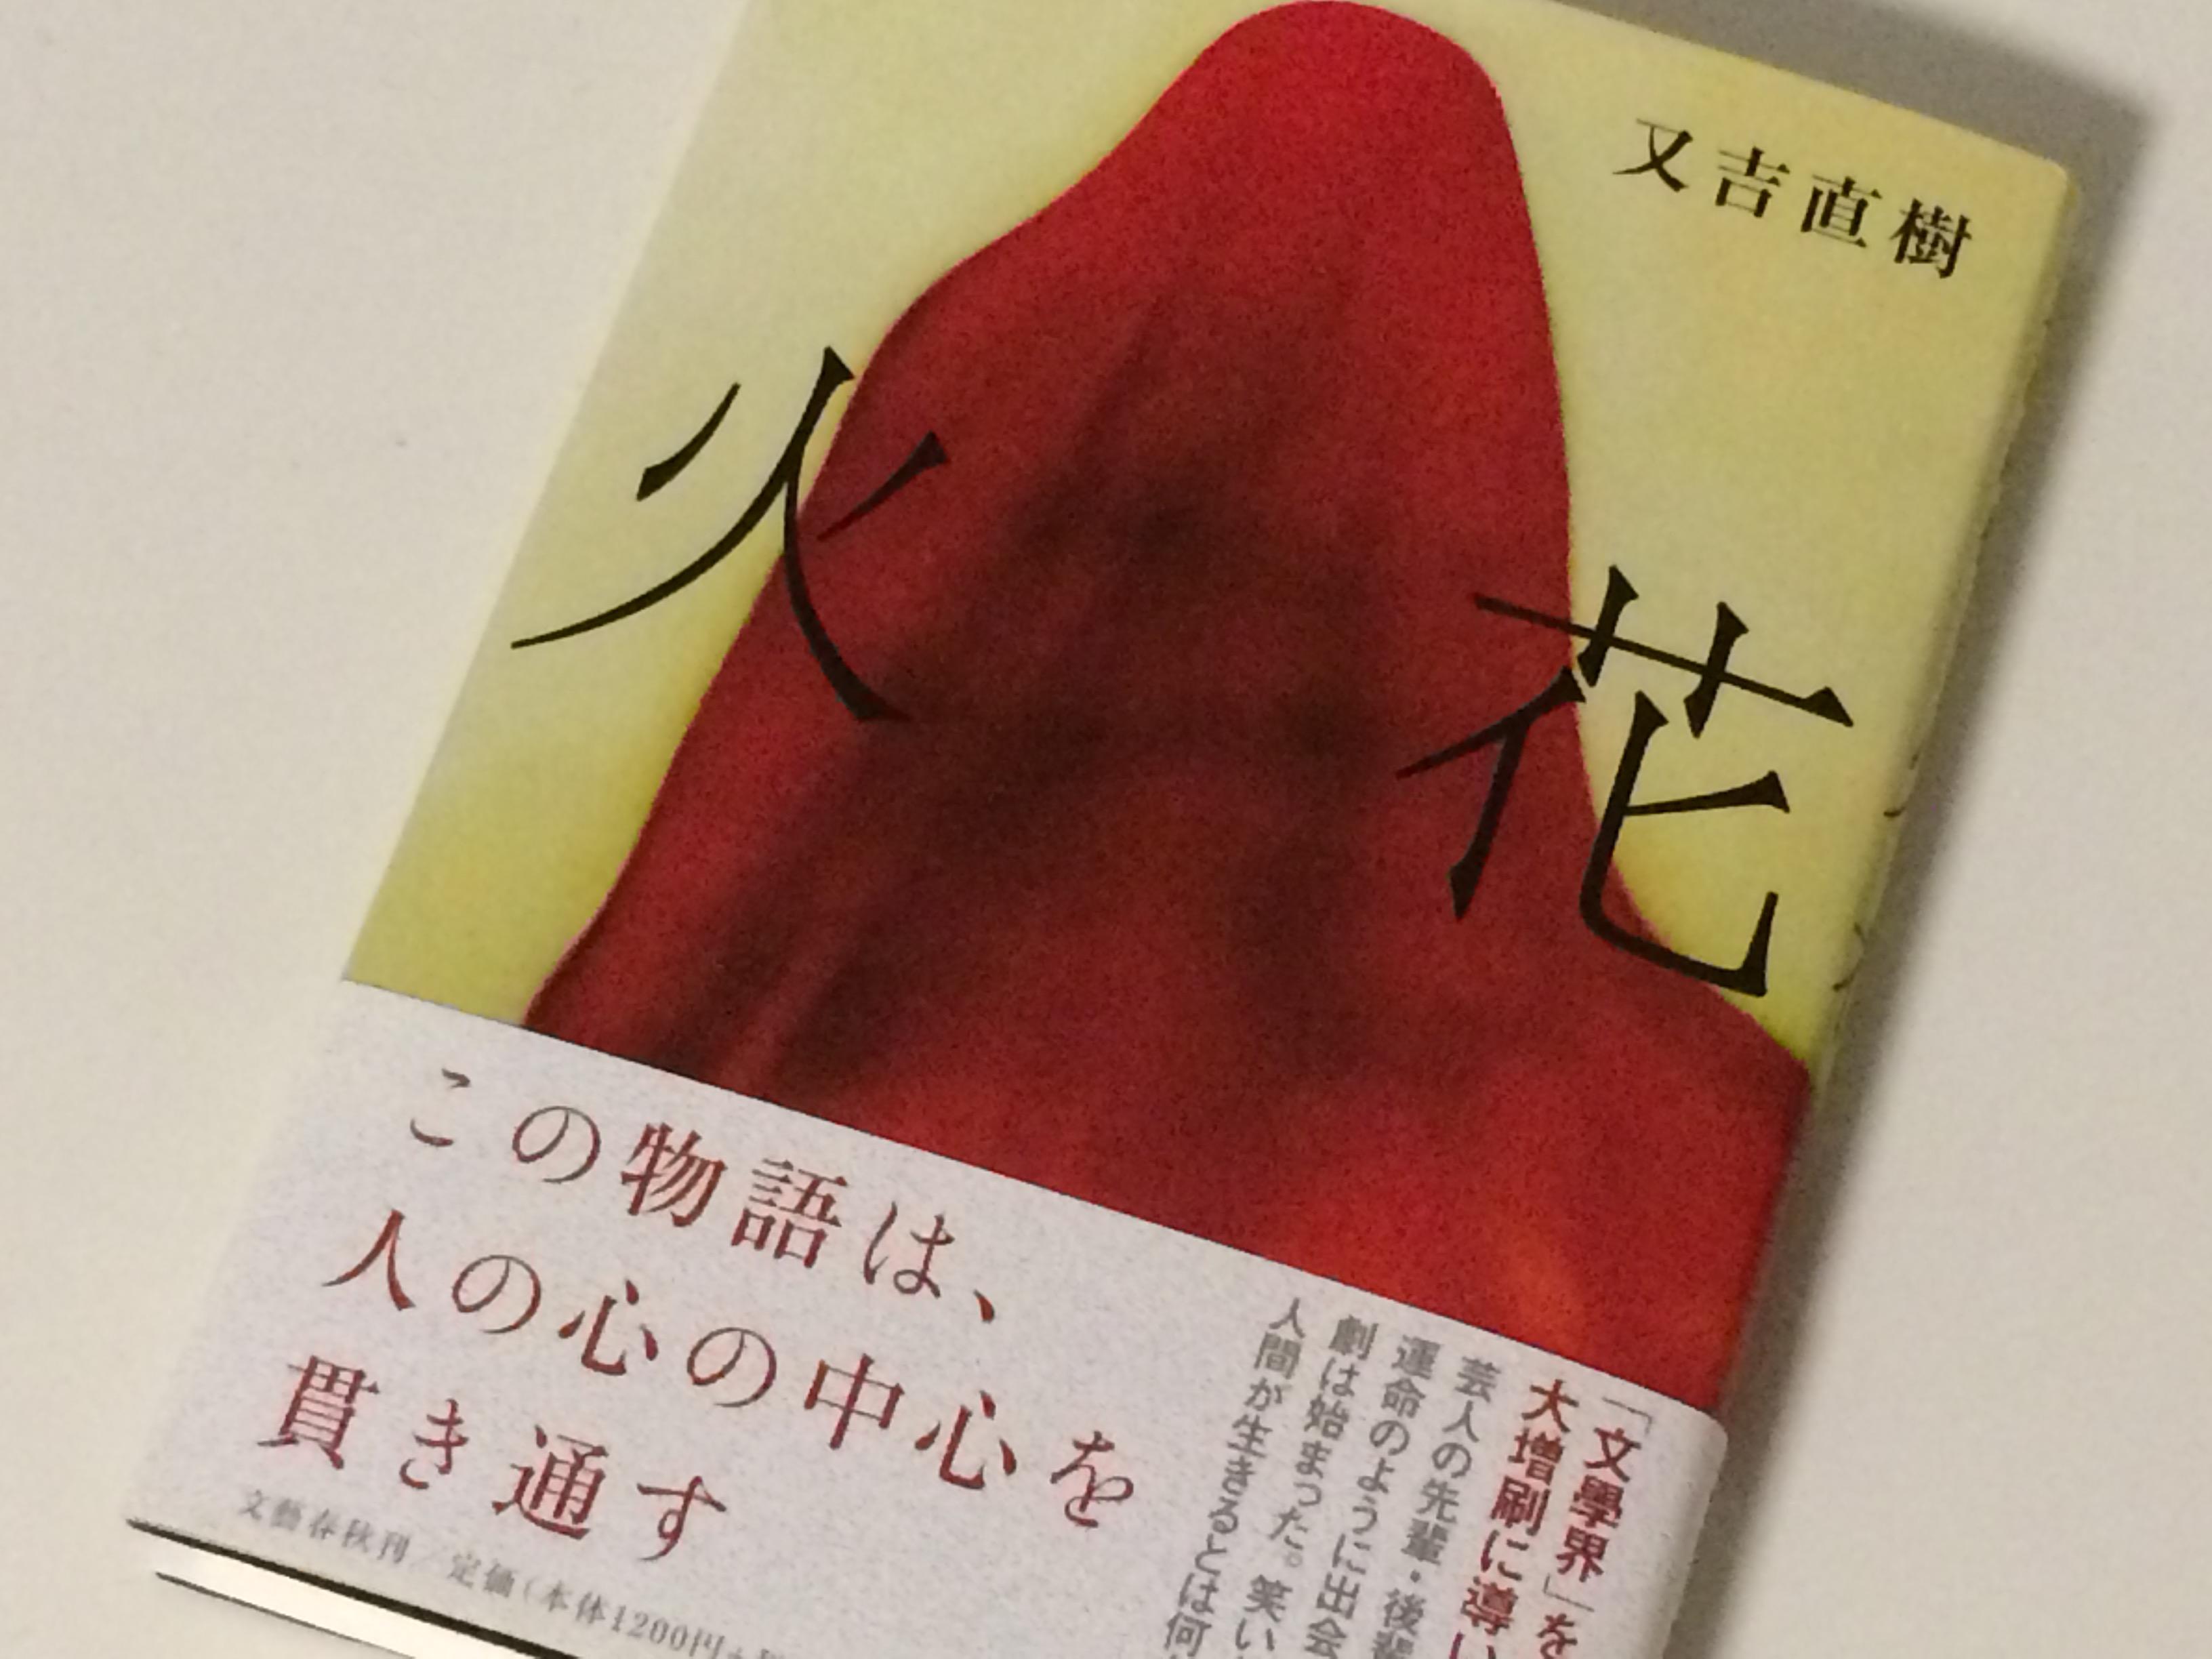 ピース又吉の初の小説『火花』は、生まれるべくして生まれた新時代の純文学